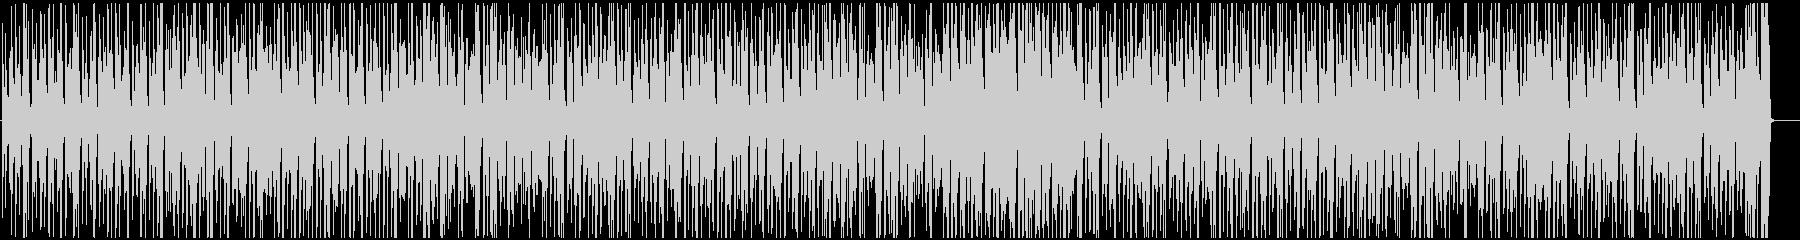 ウクレレとピアノで長閑なレゲエ調ポップの未再生の波形